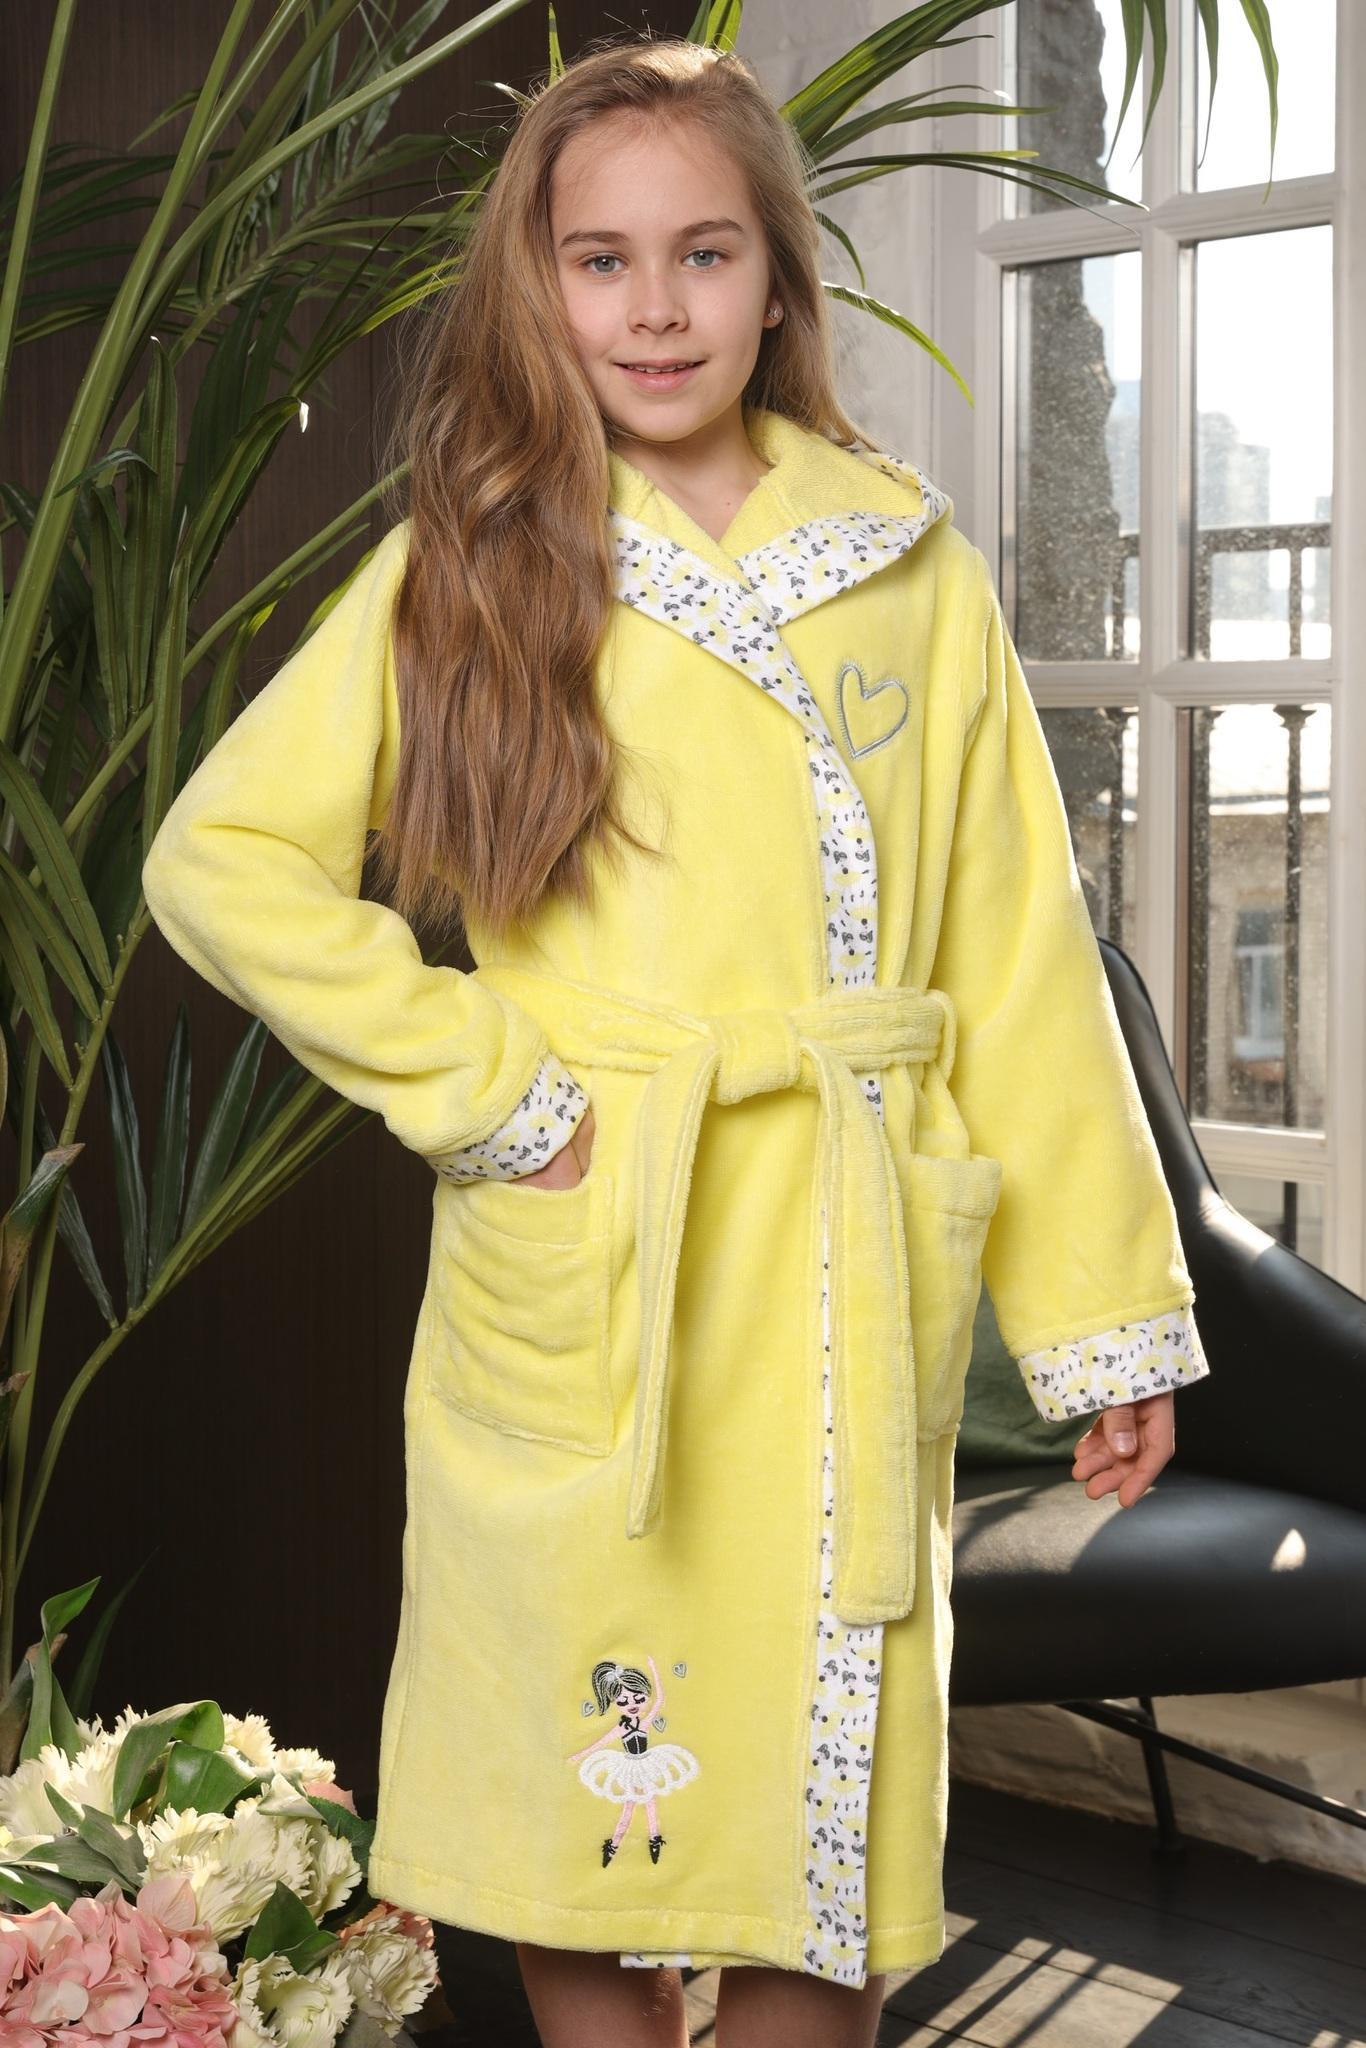 Халаты Balerinka солнышко детский халат для девочки  Five Wien Турция Balerinka__Солнышко.jpg